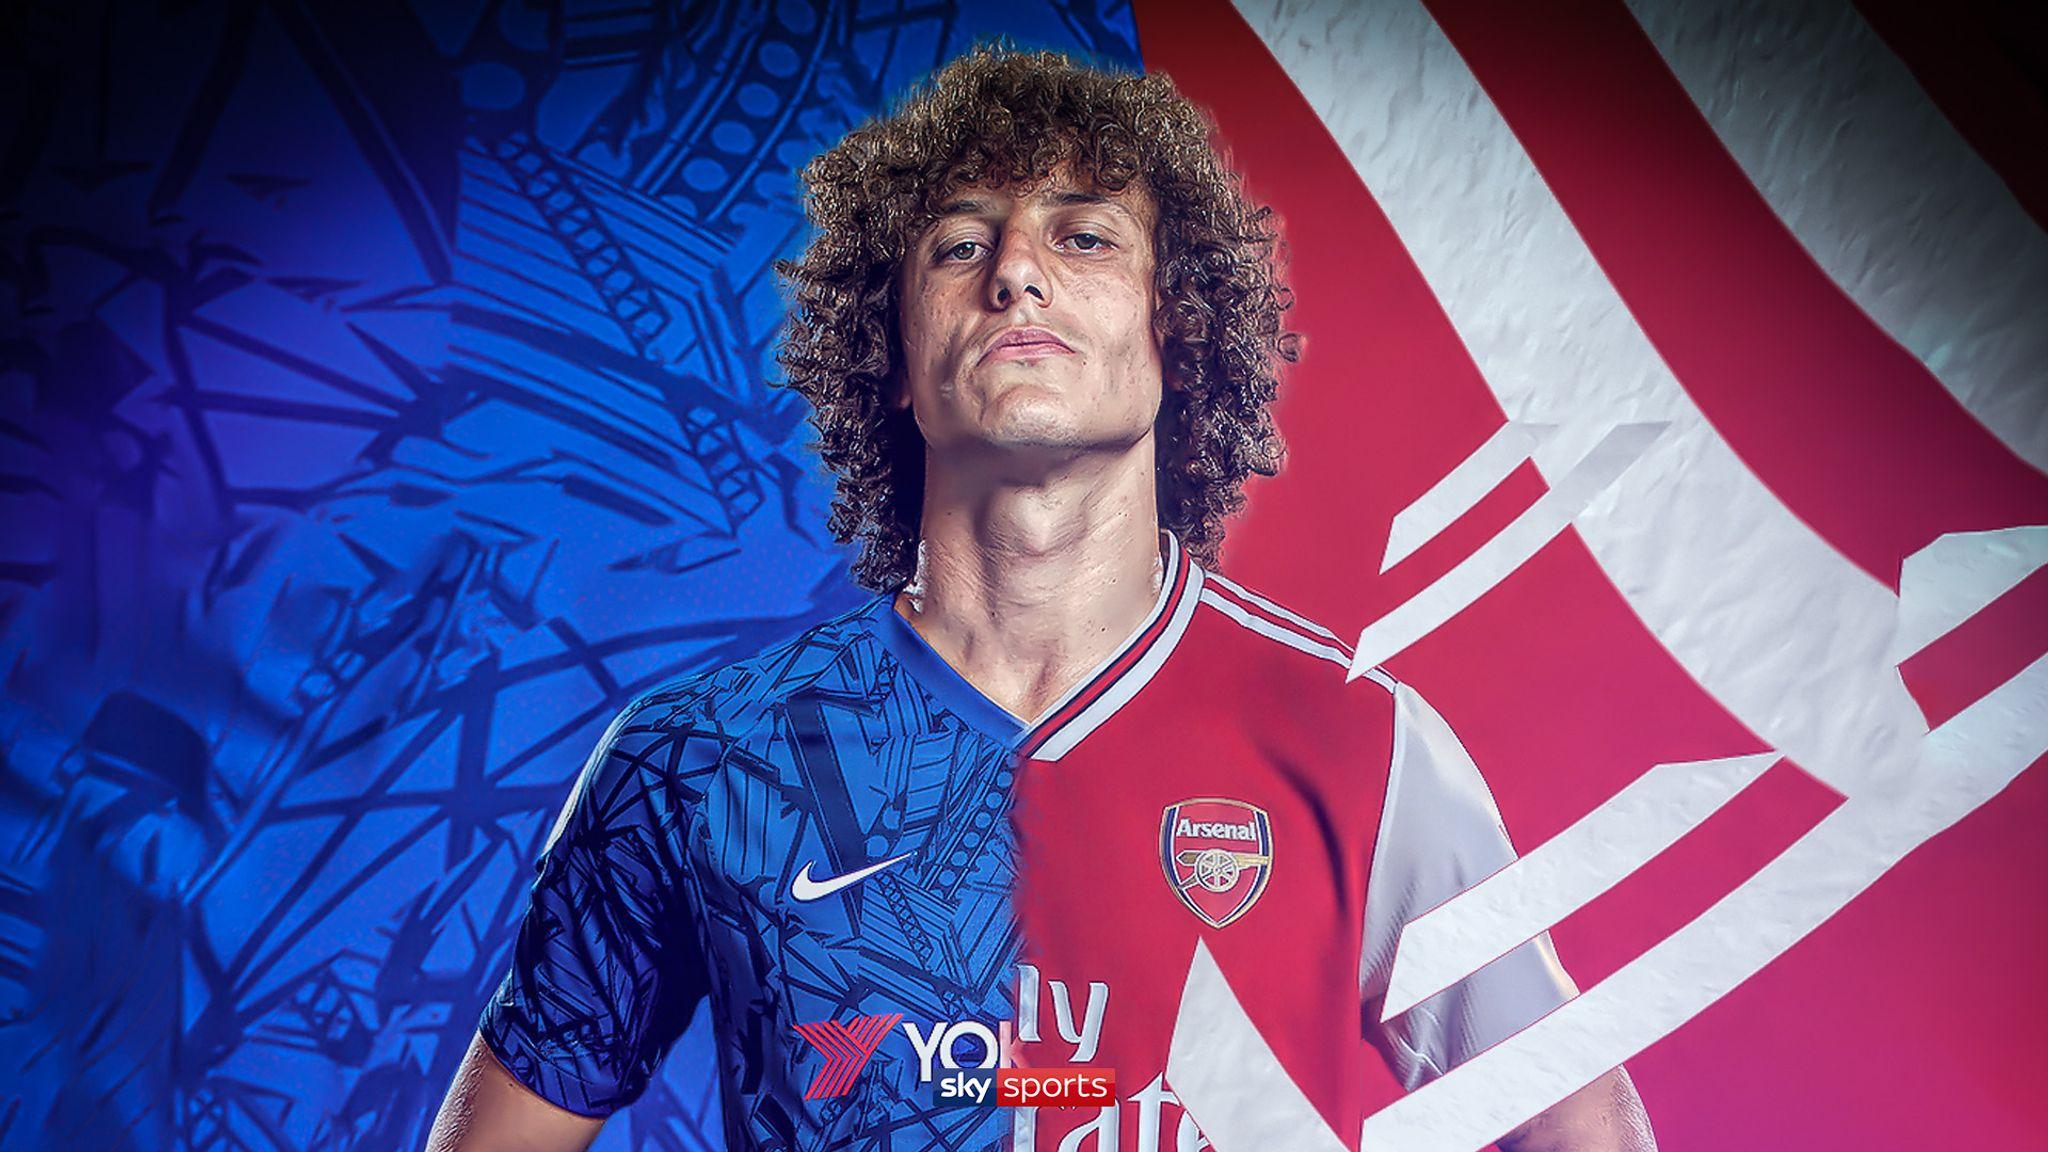 Kết quả hình ảnh cho David Luiz arsenal và Chelsea